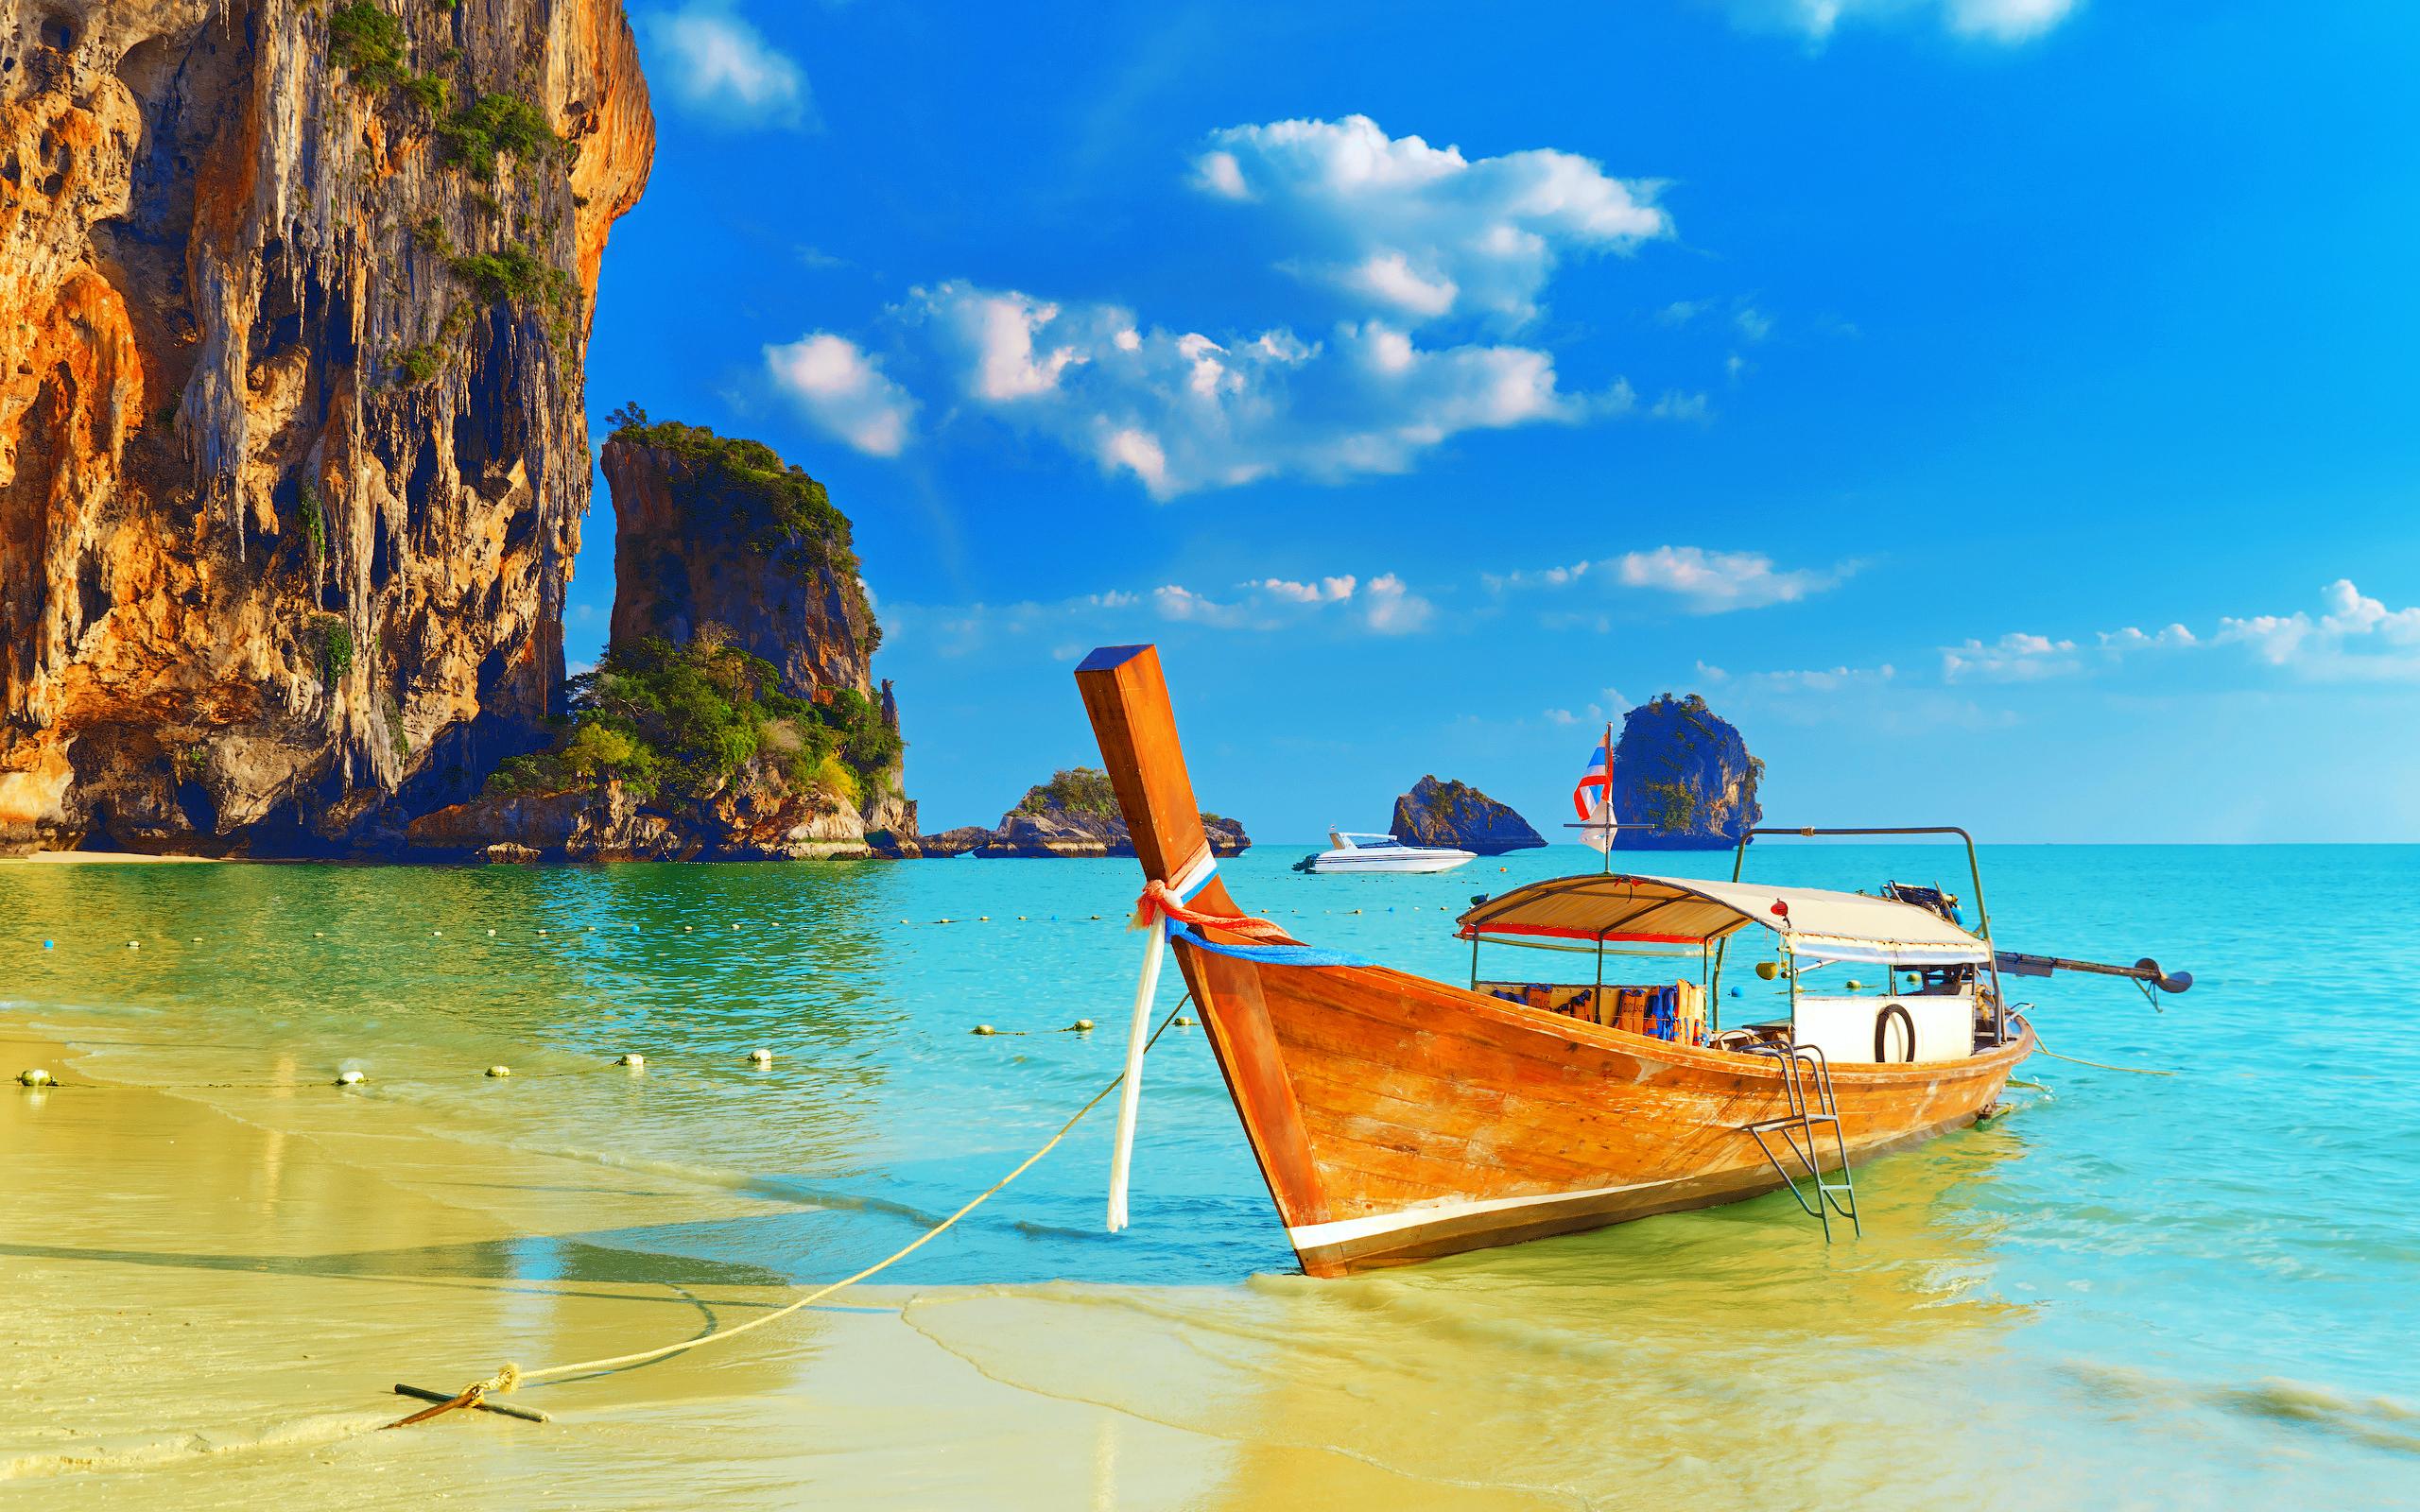 рассматривают картины, красивые фото моря в хорошем качестве японский метод учит